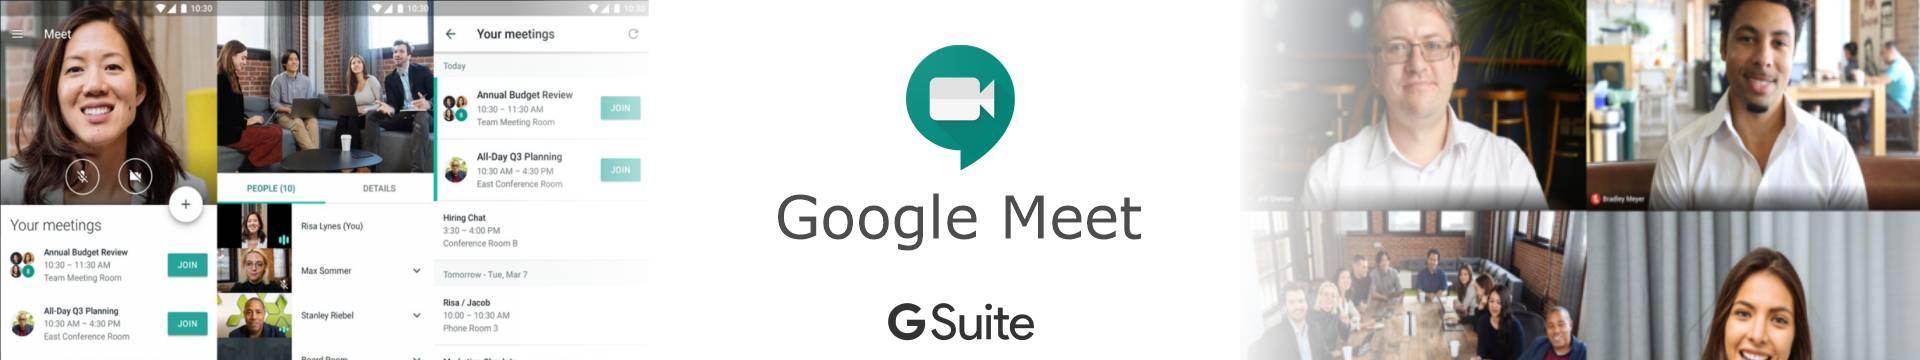 videoconferencias en Internet para reuniones de trabajo, para entrevistas de trabajo o seminarios y clases en línea.